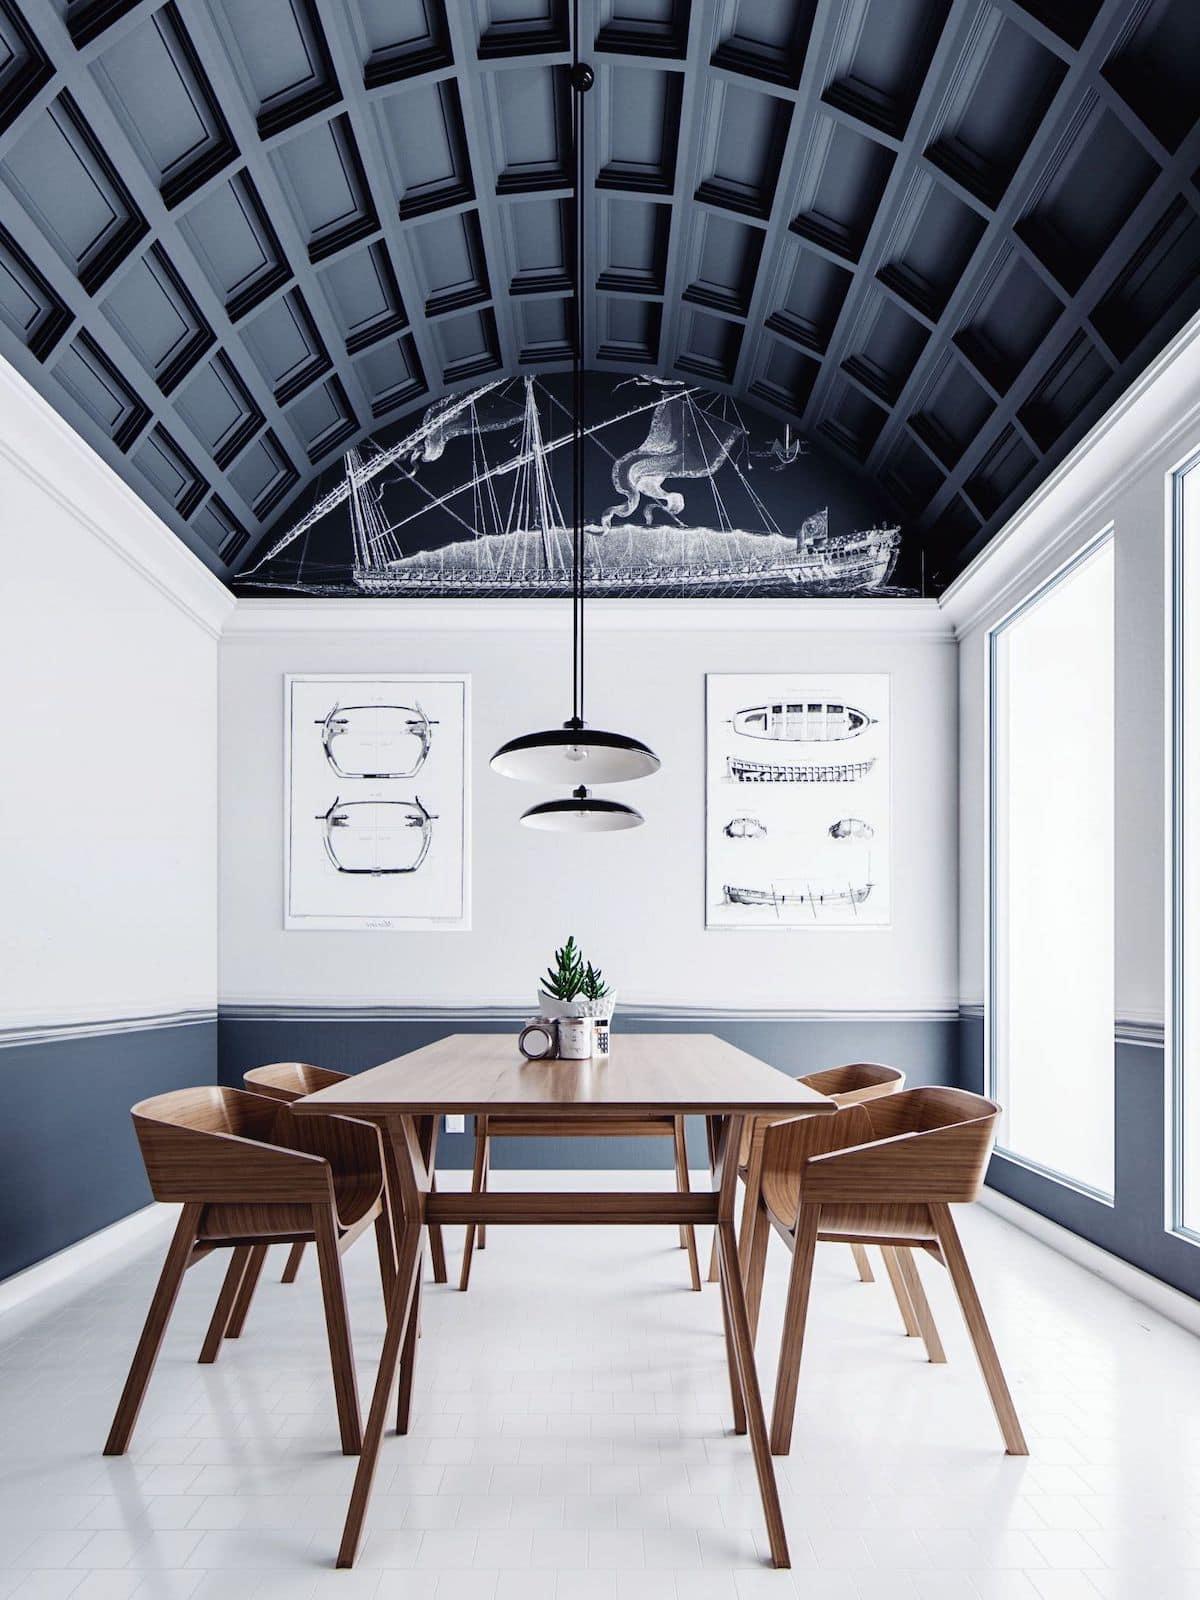 красивый дизайн потолка фото 70